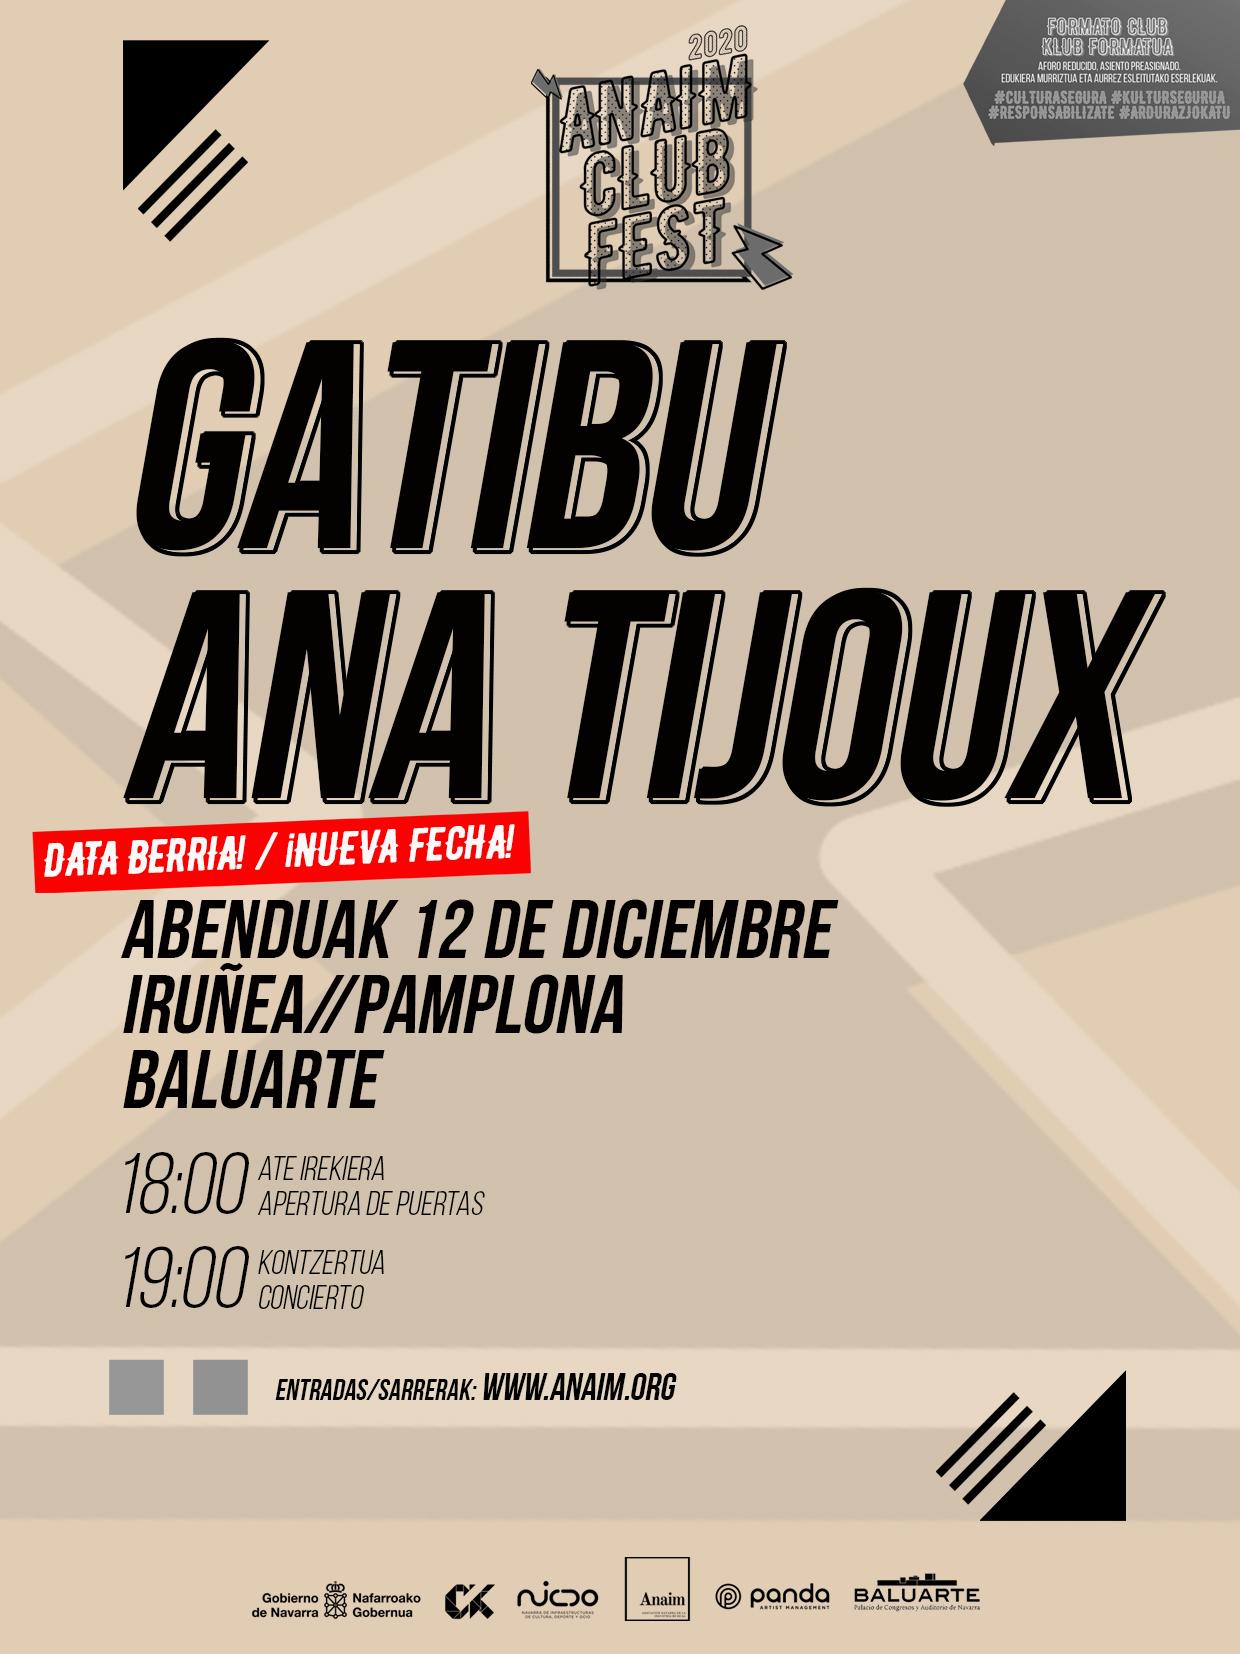 Gatibu + Ana Tijoux